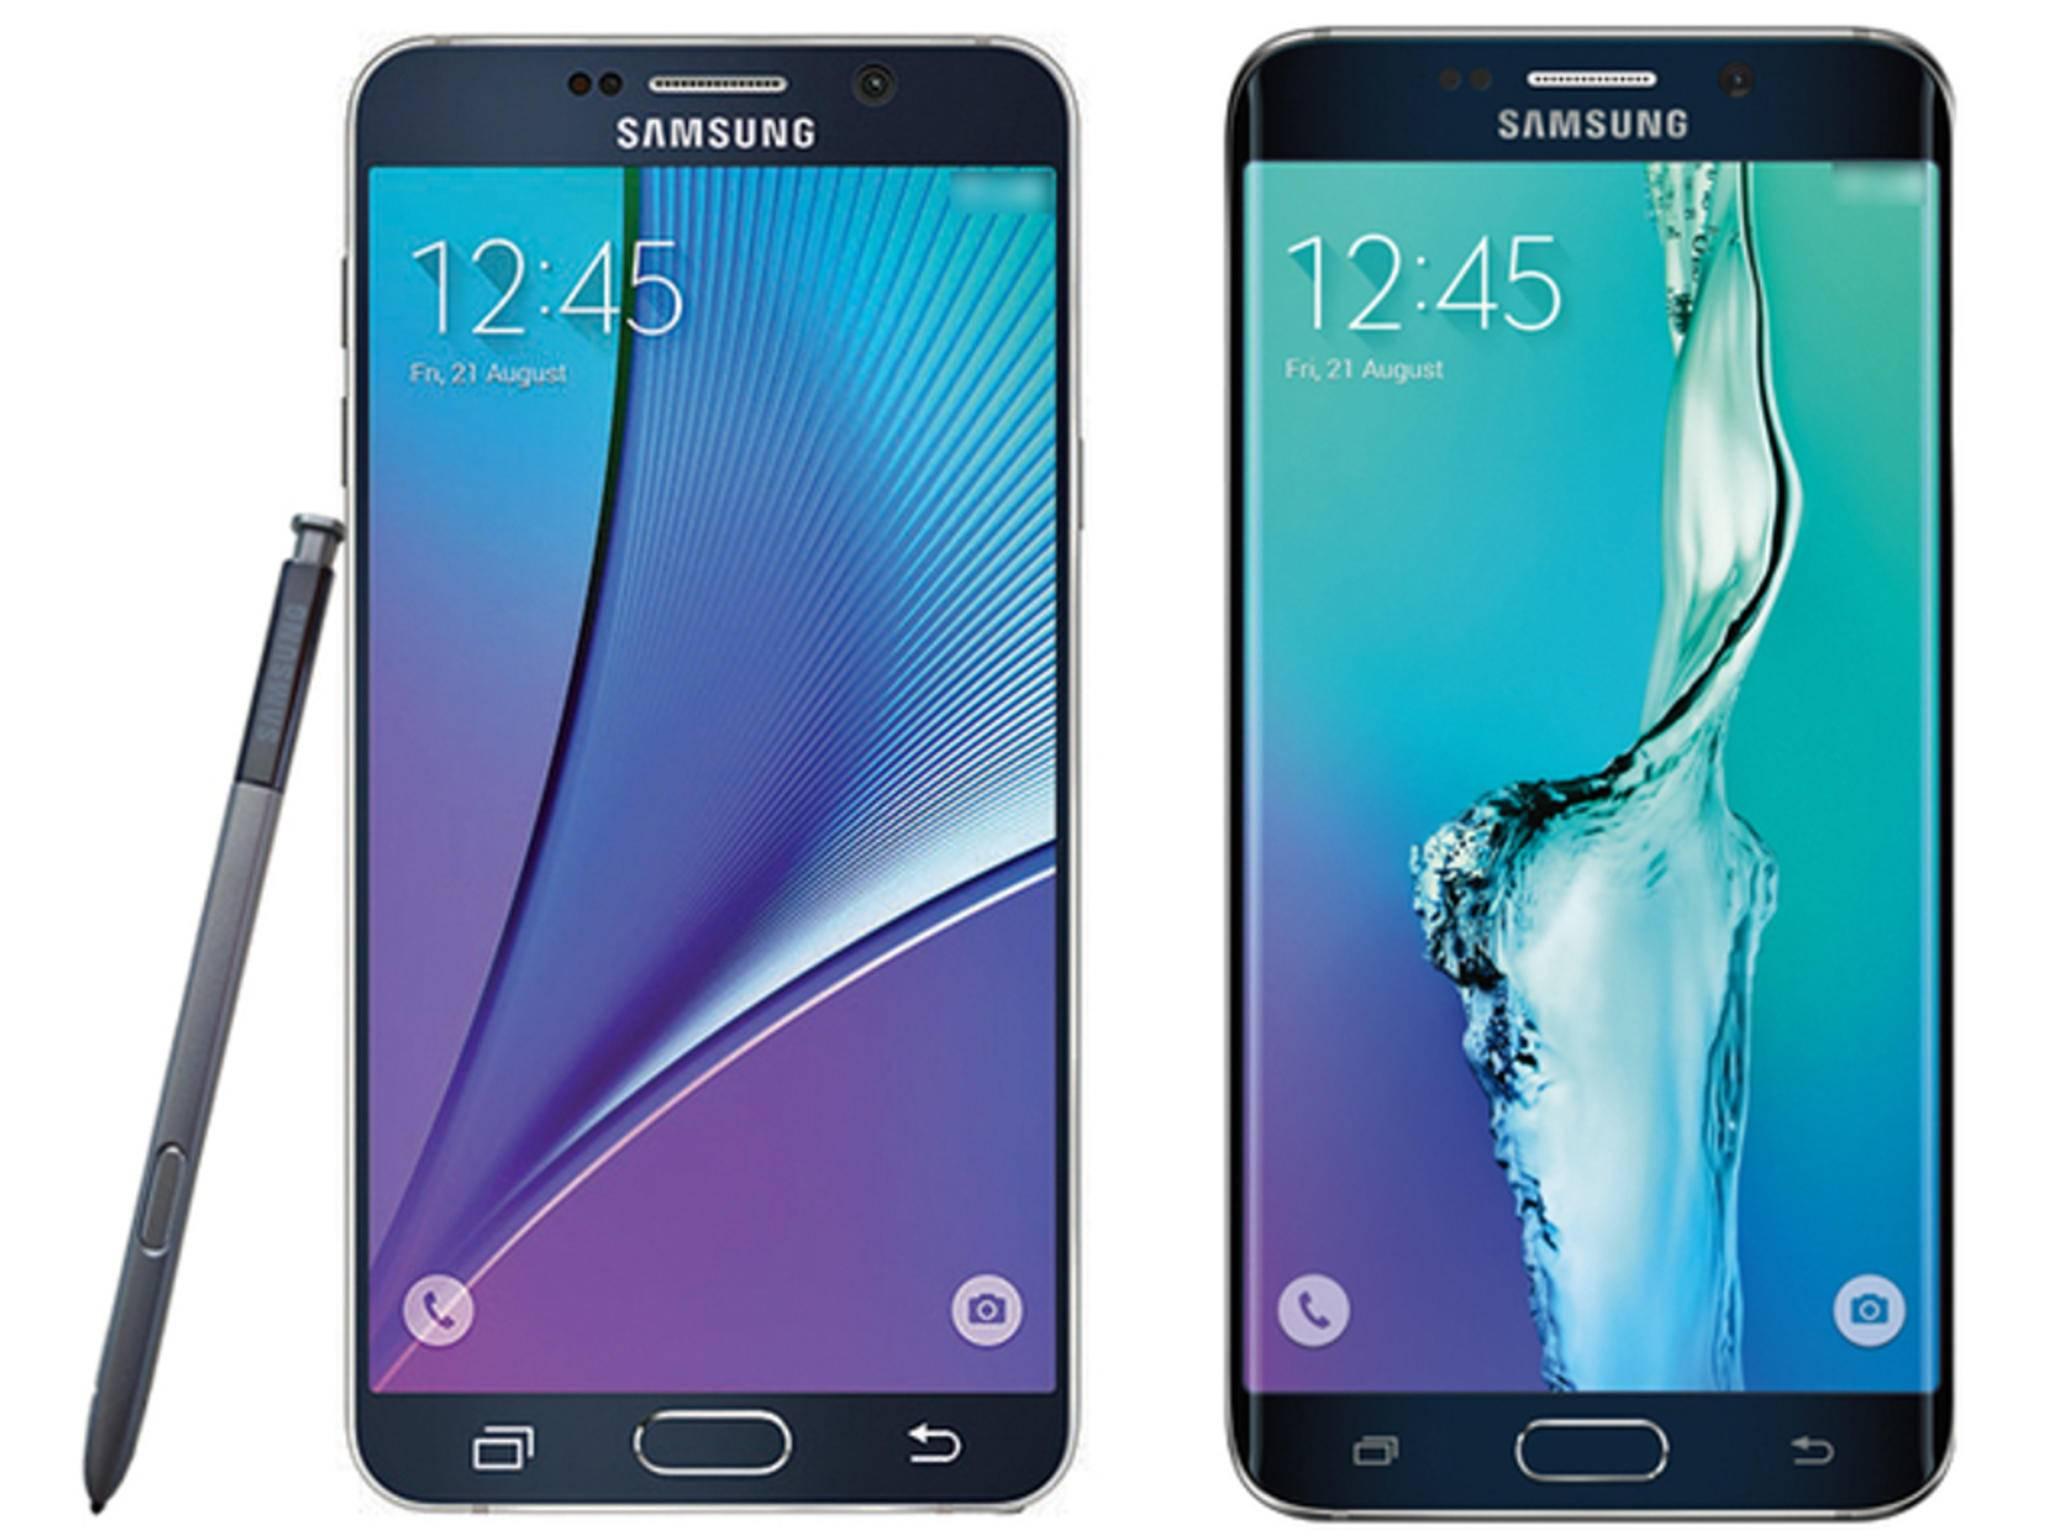 Erste Pressebilder zeigen das Galaxy Note 5 neben dem Galaxy S6 Edge+.